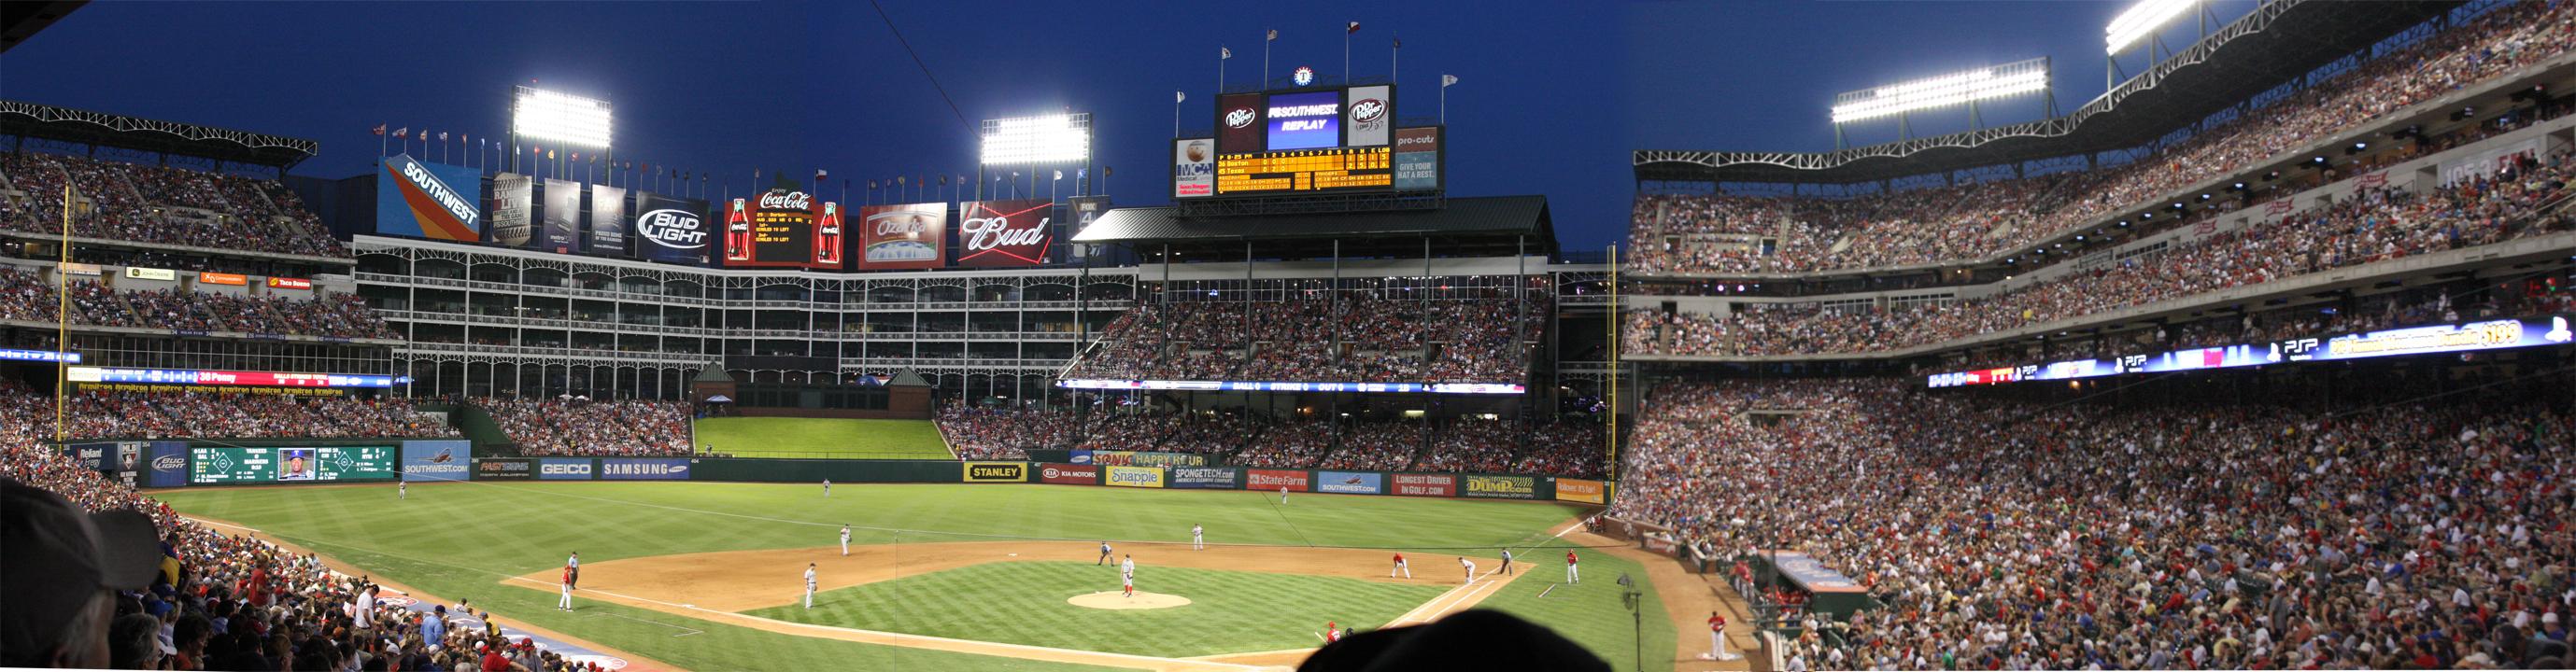 Texas Ranger Stadium by iballoon